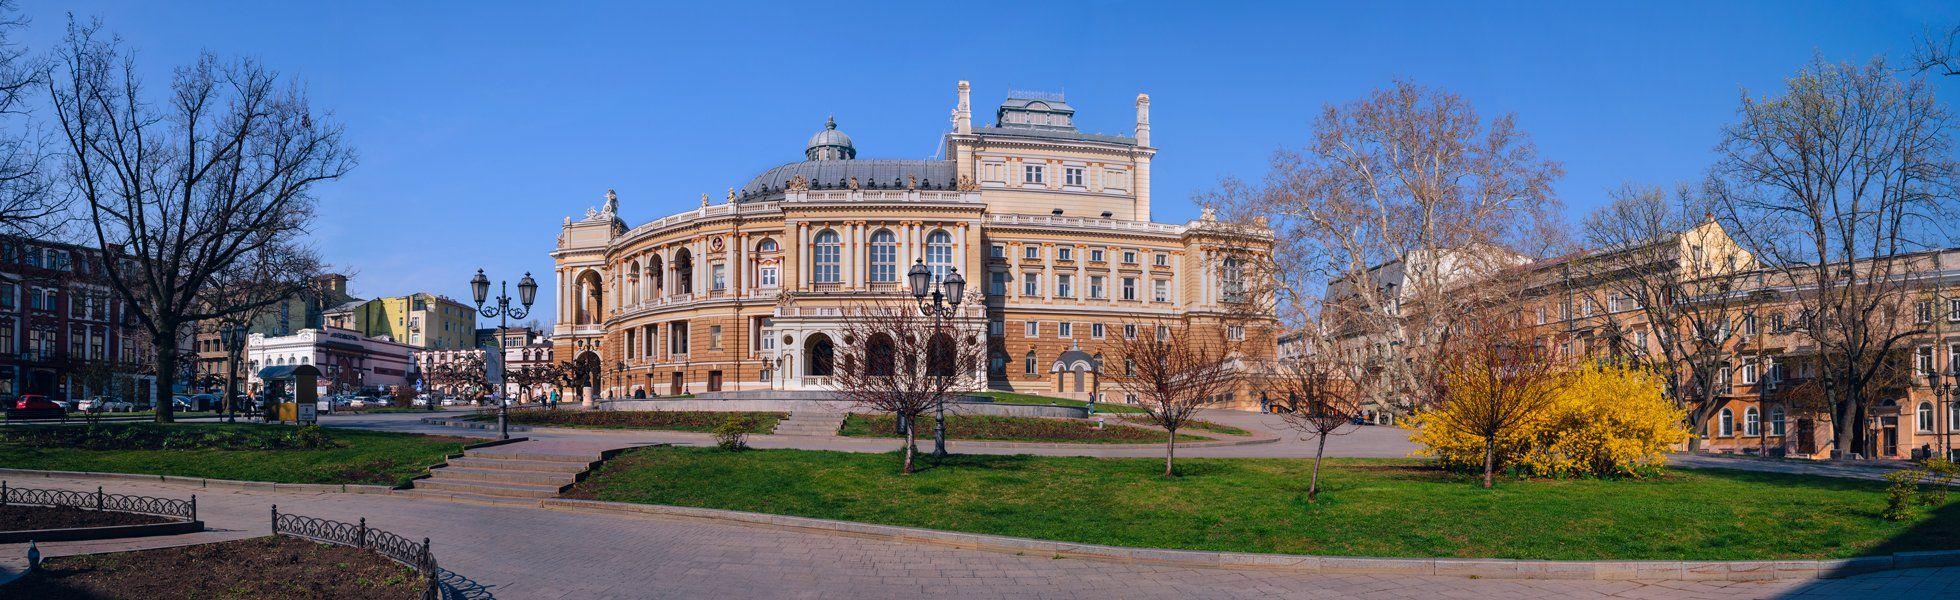 город, весна, одесса, театр, оперный, Галанзовская Оксана